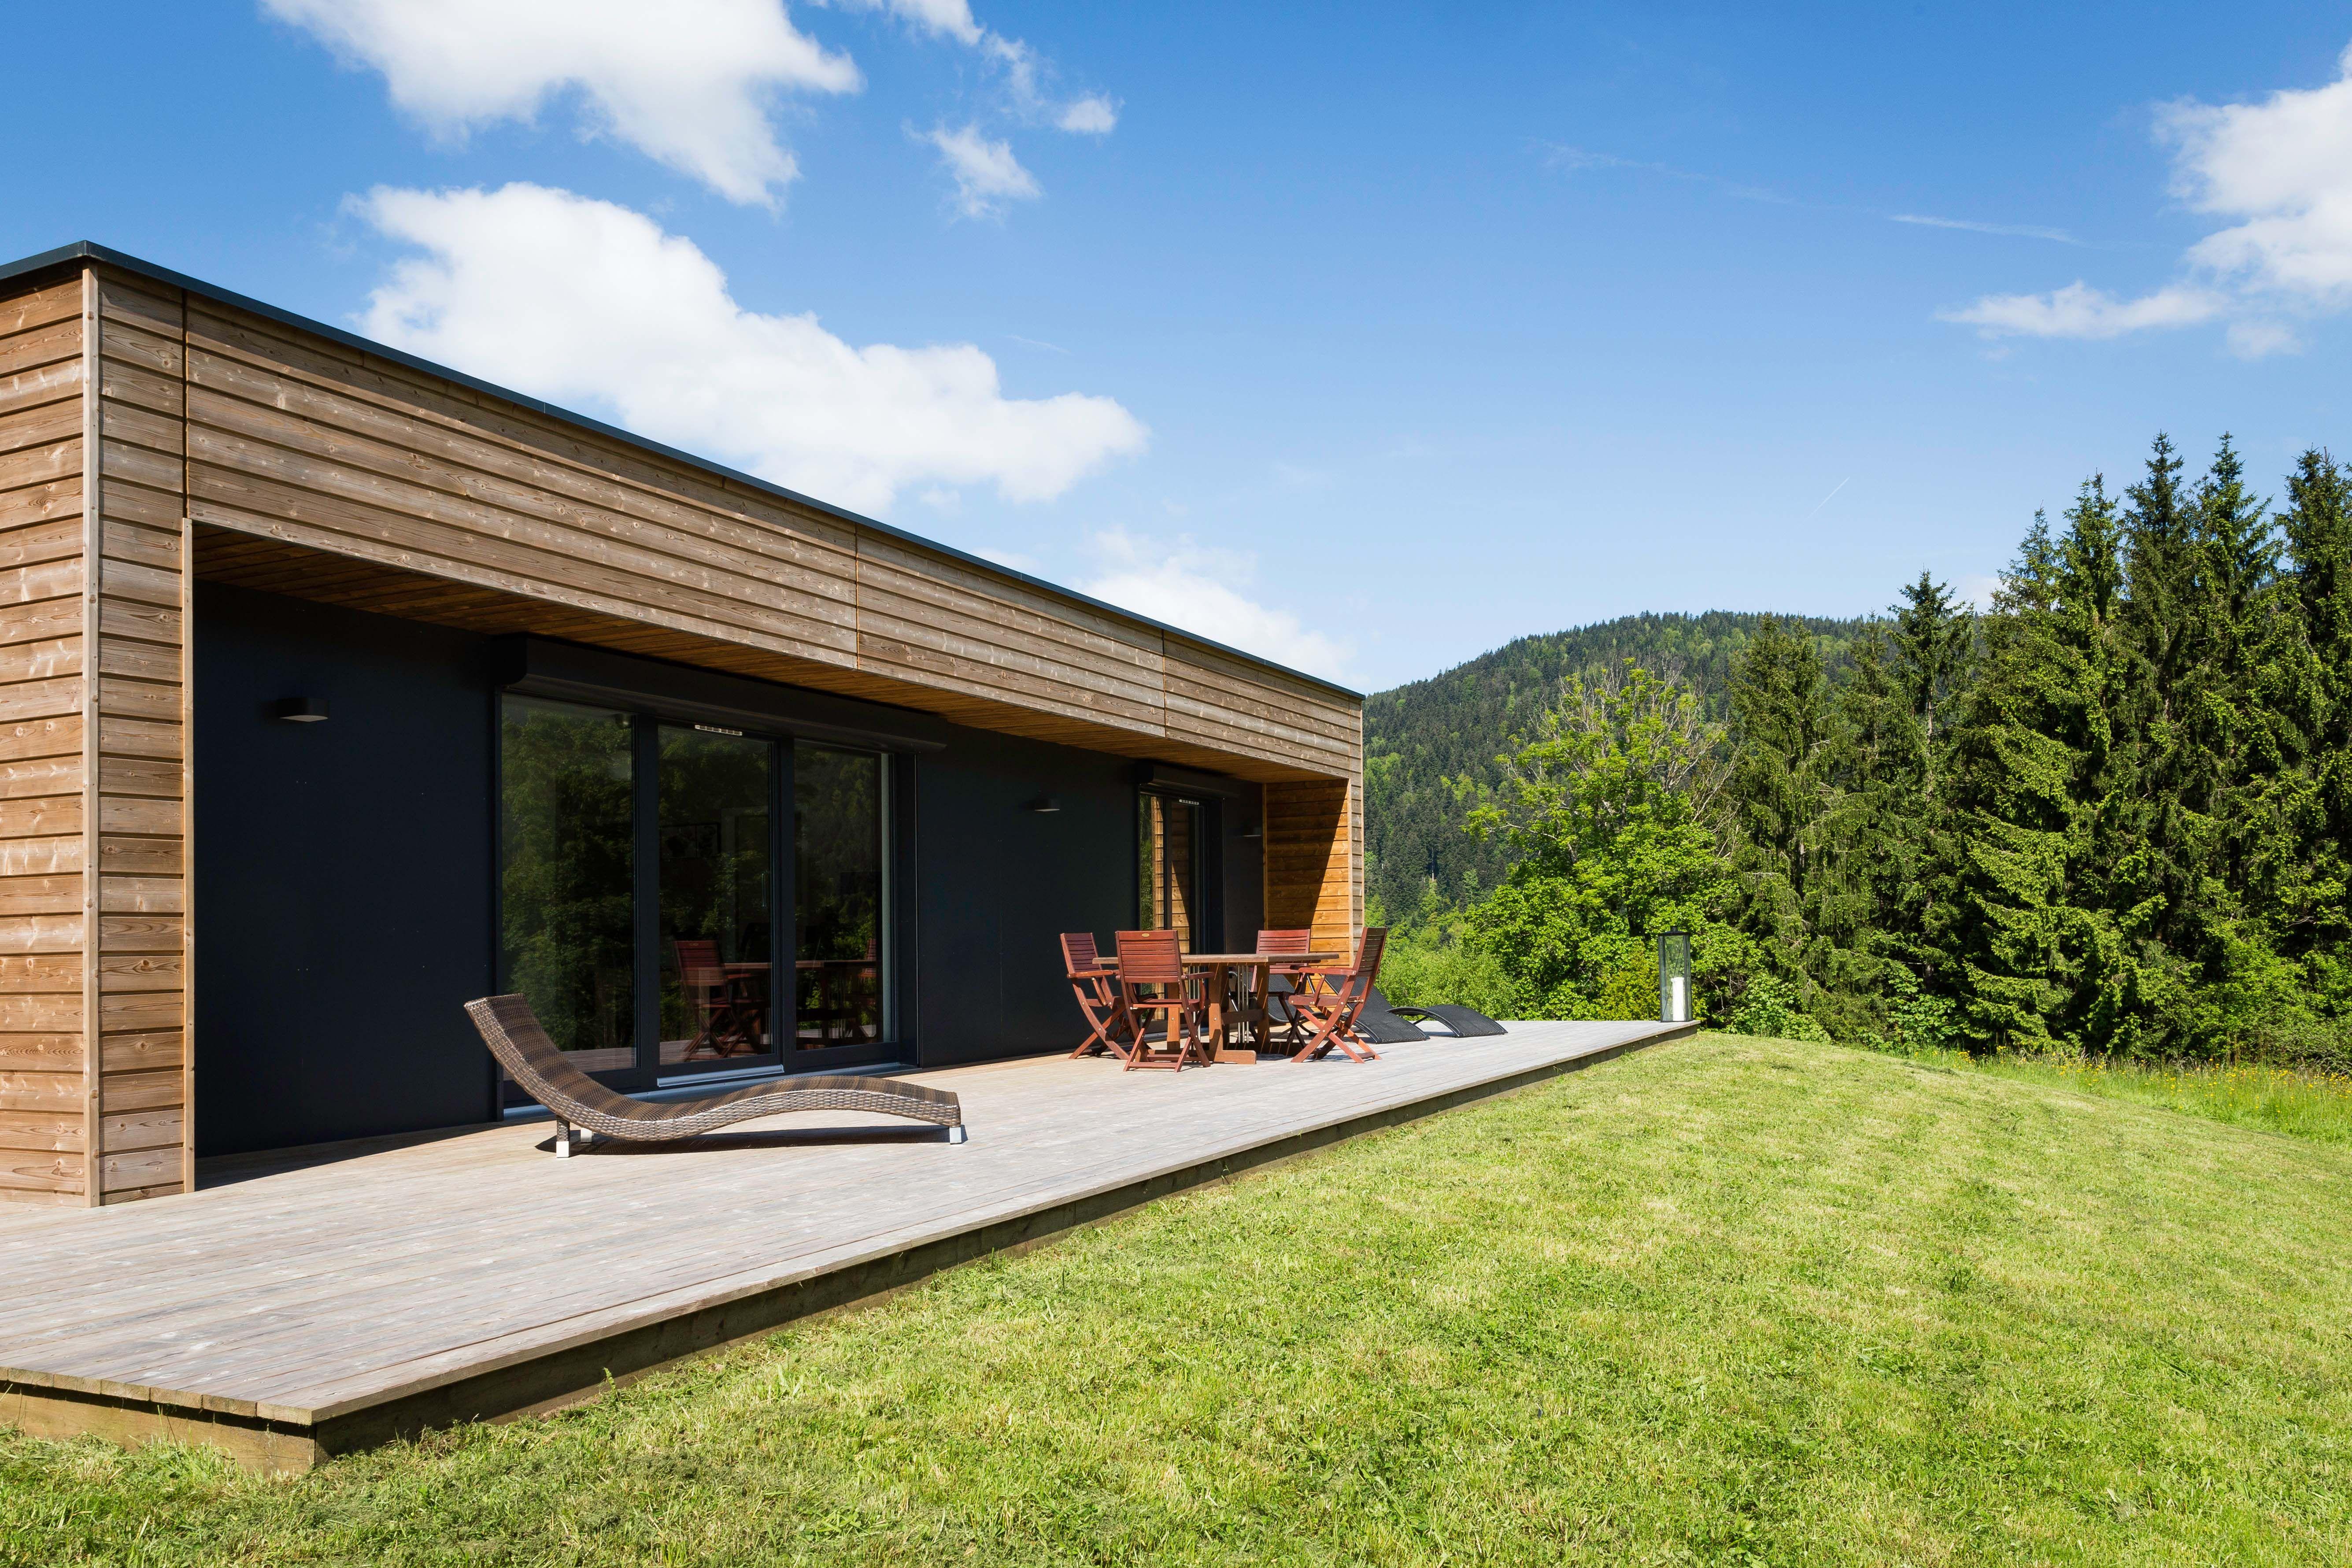 constructeur archi design maisons ossature bois 100 modulables fabrication